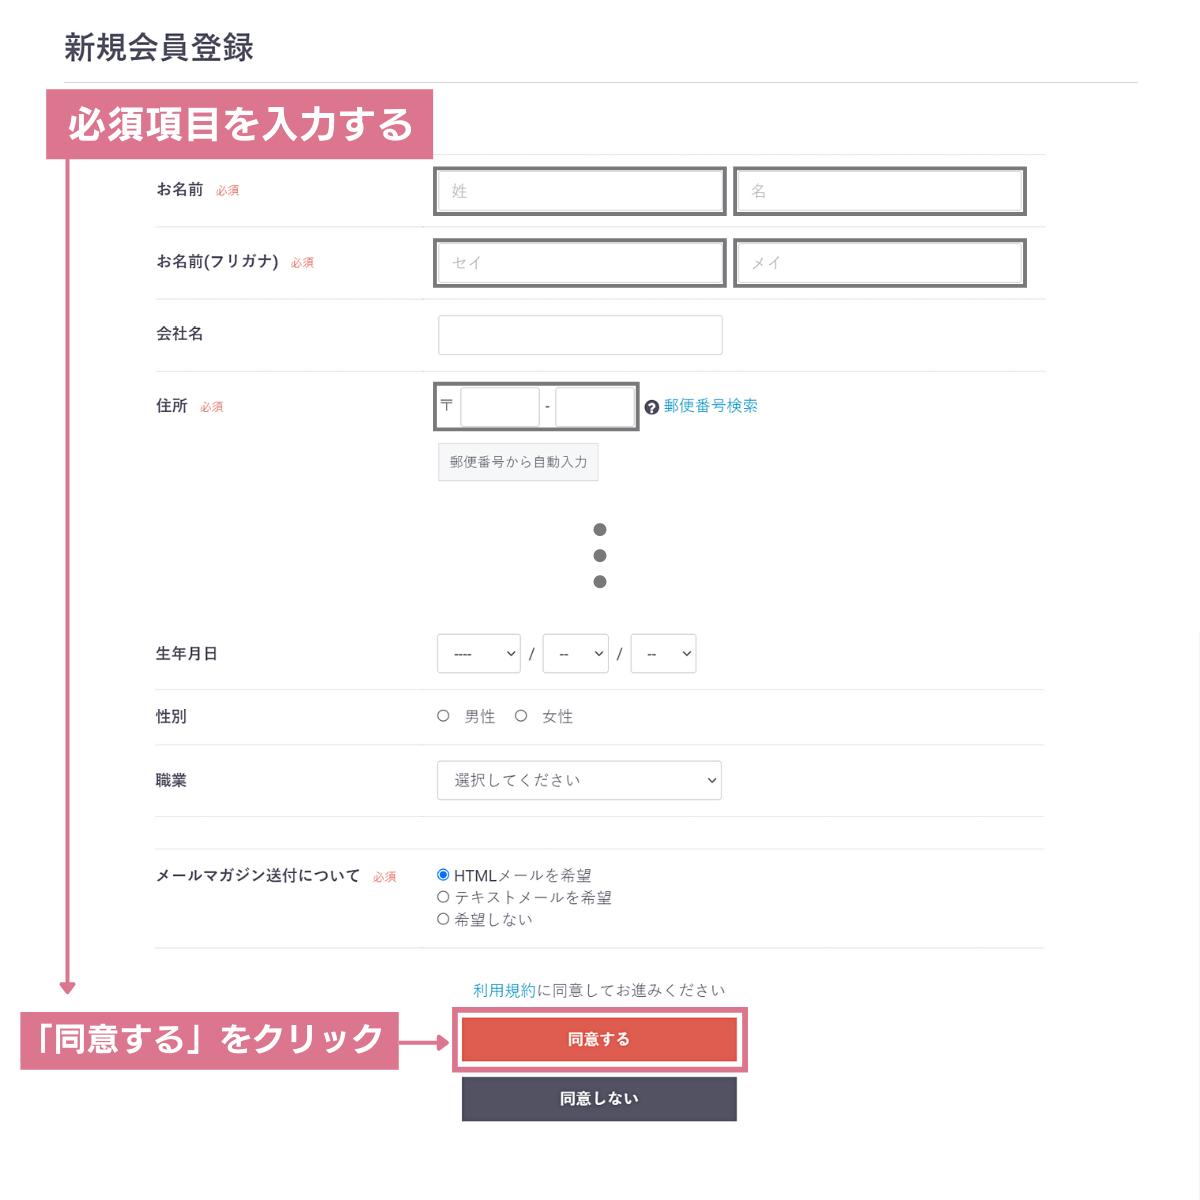 会員情報の登録画面